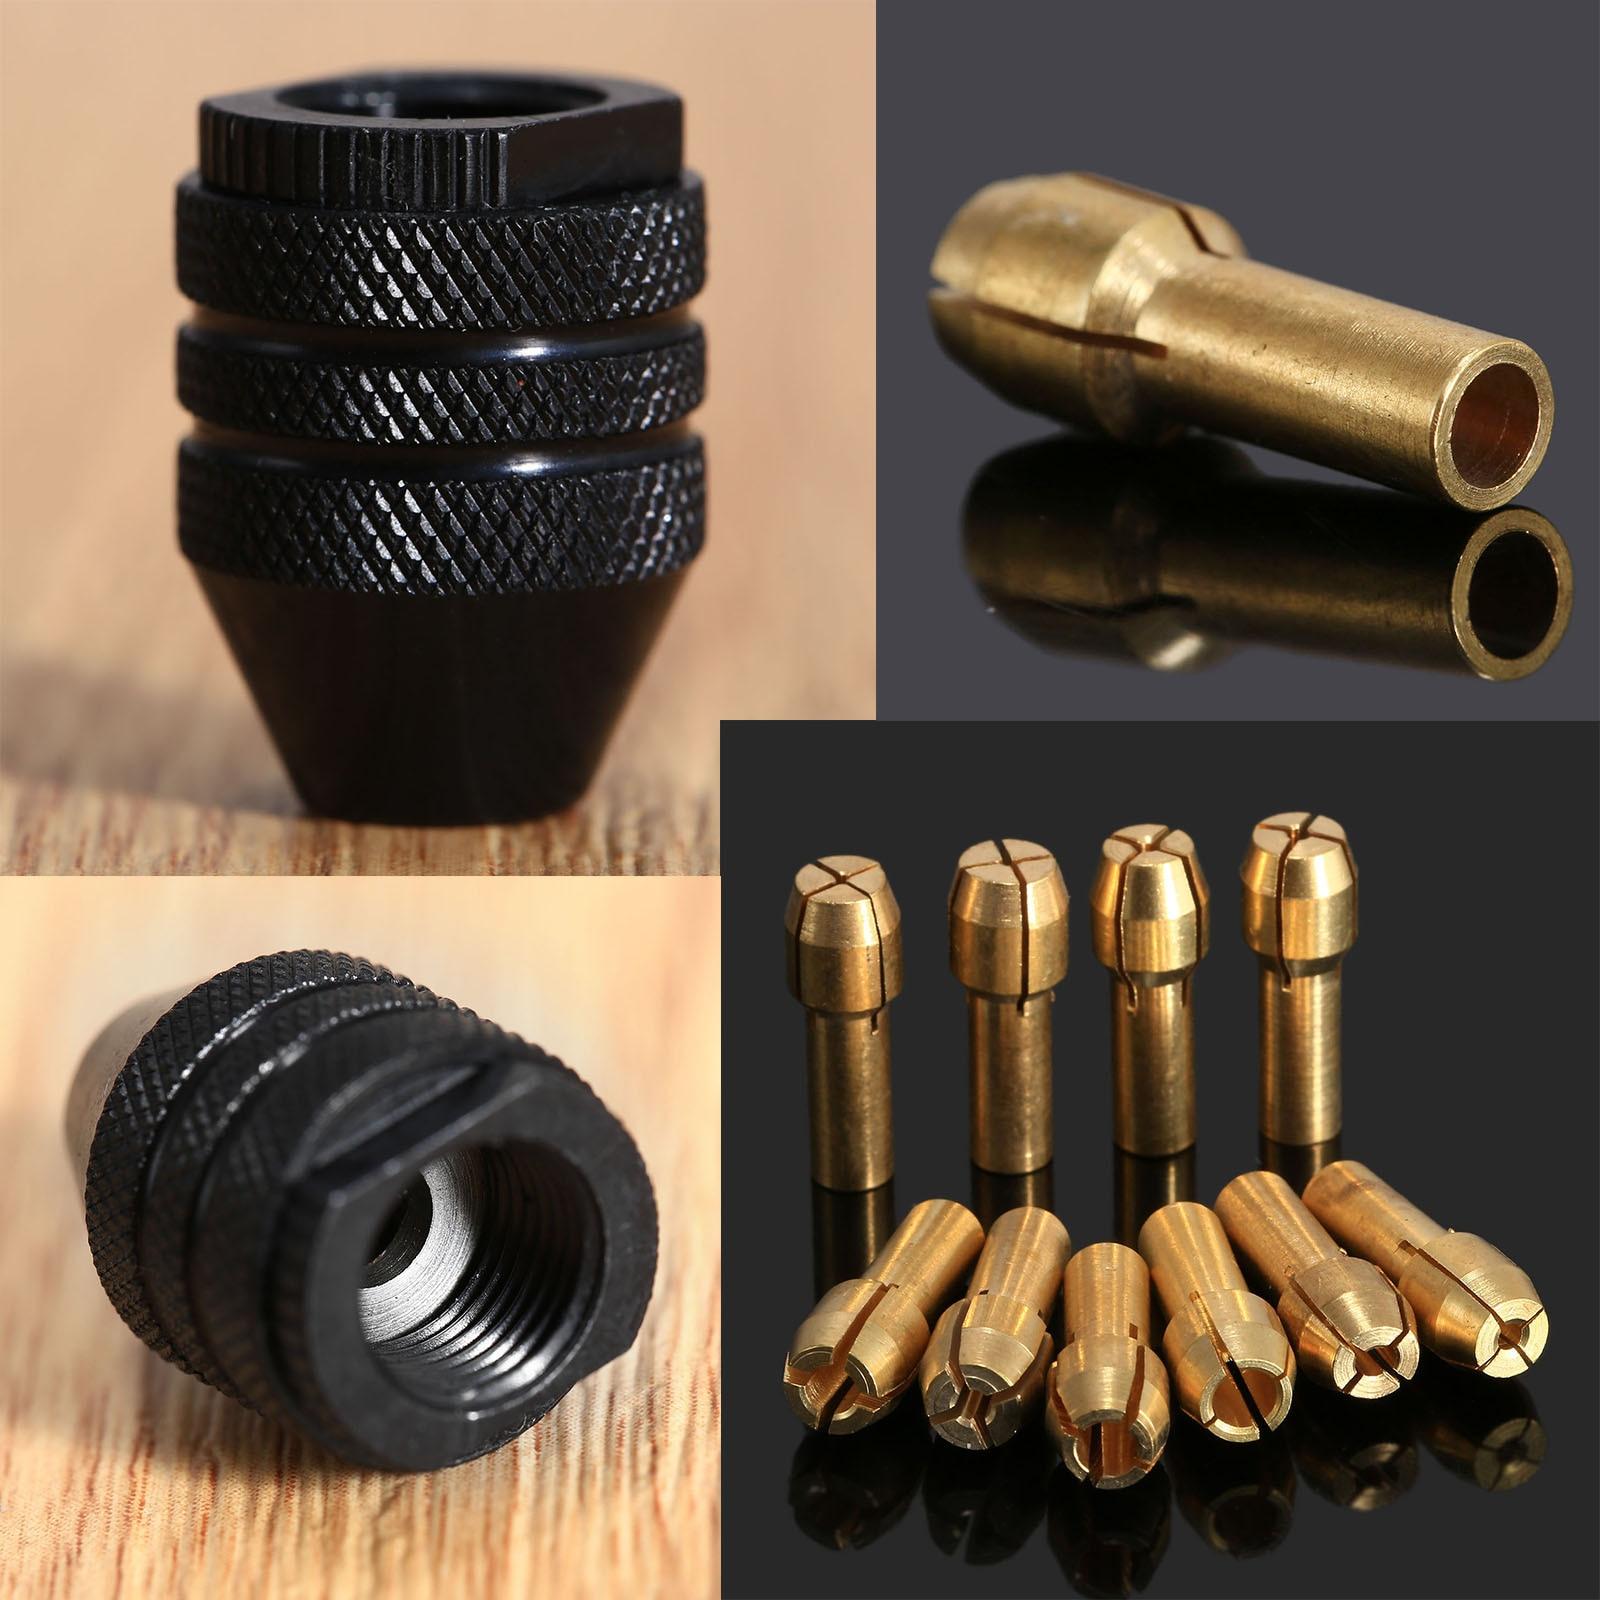 10Pcs Dremel Accessories Brass Collet Chuck 0.5-3.2mm Mini Drill Chuck 4.3mm Shank+8x0.75 Multi Keyless Chuck Dremel Rotary Tool